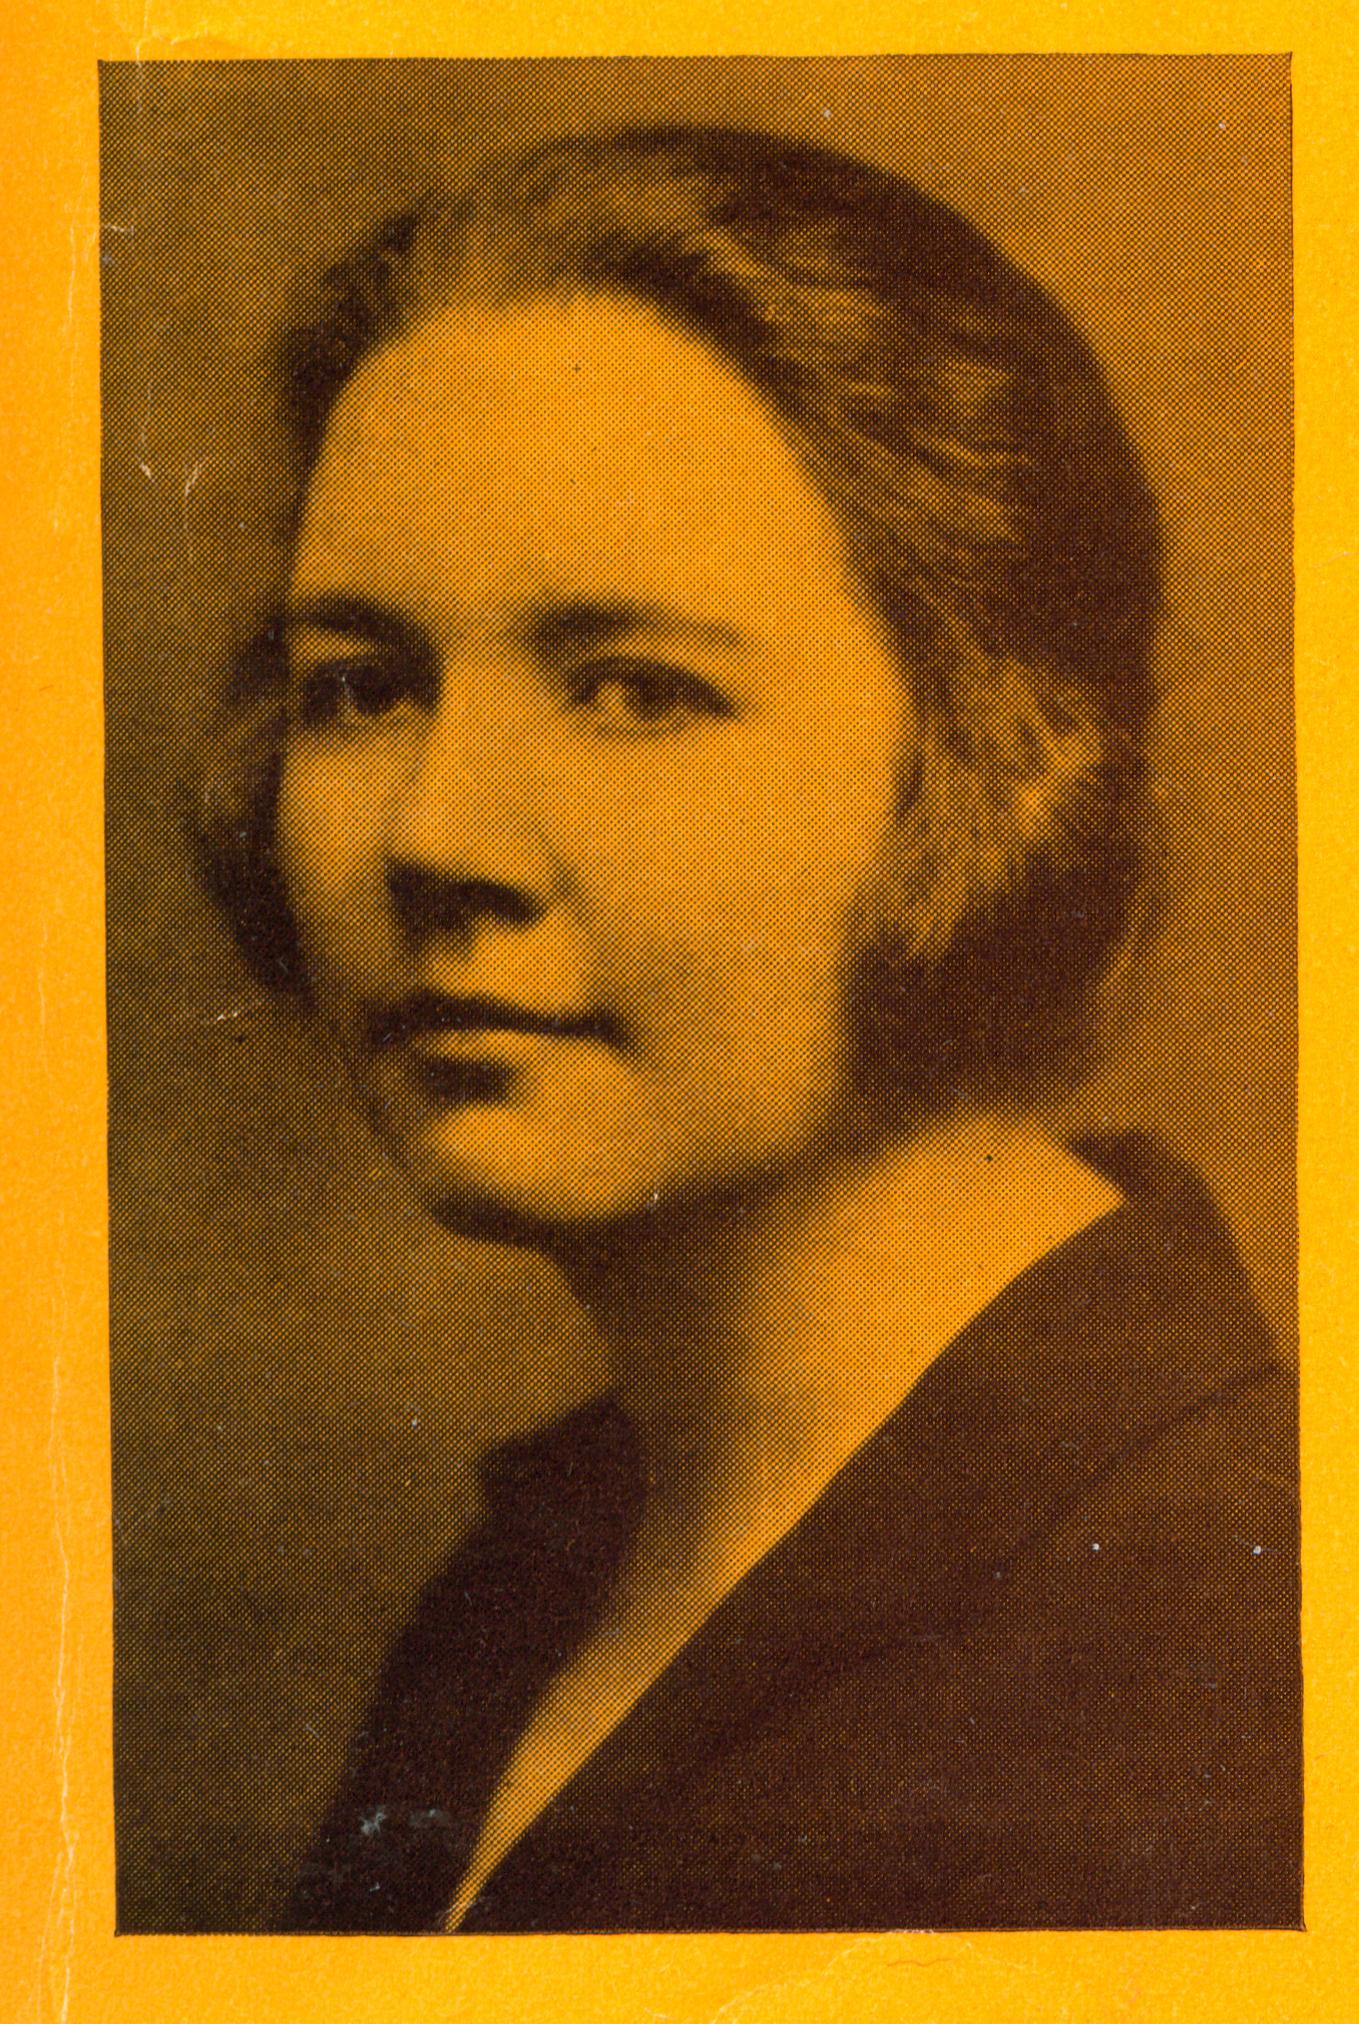 Rose Wilder Lane publicity photo.